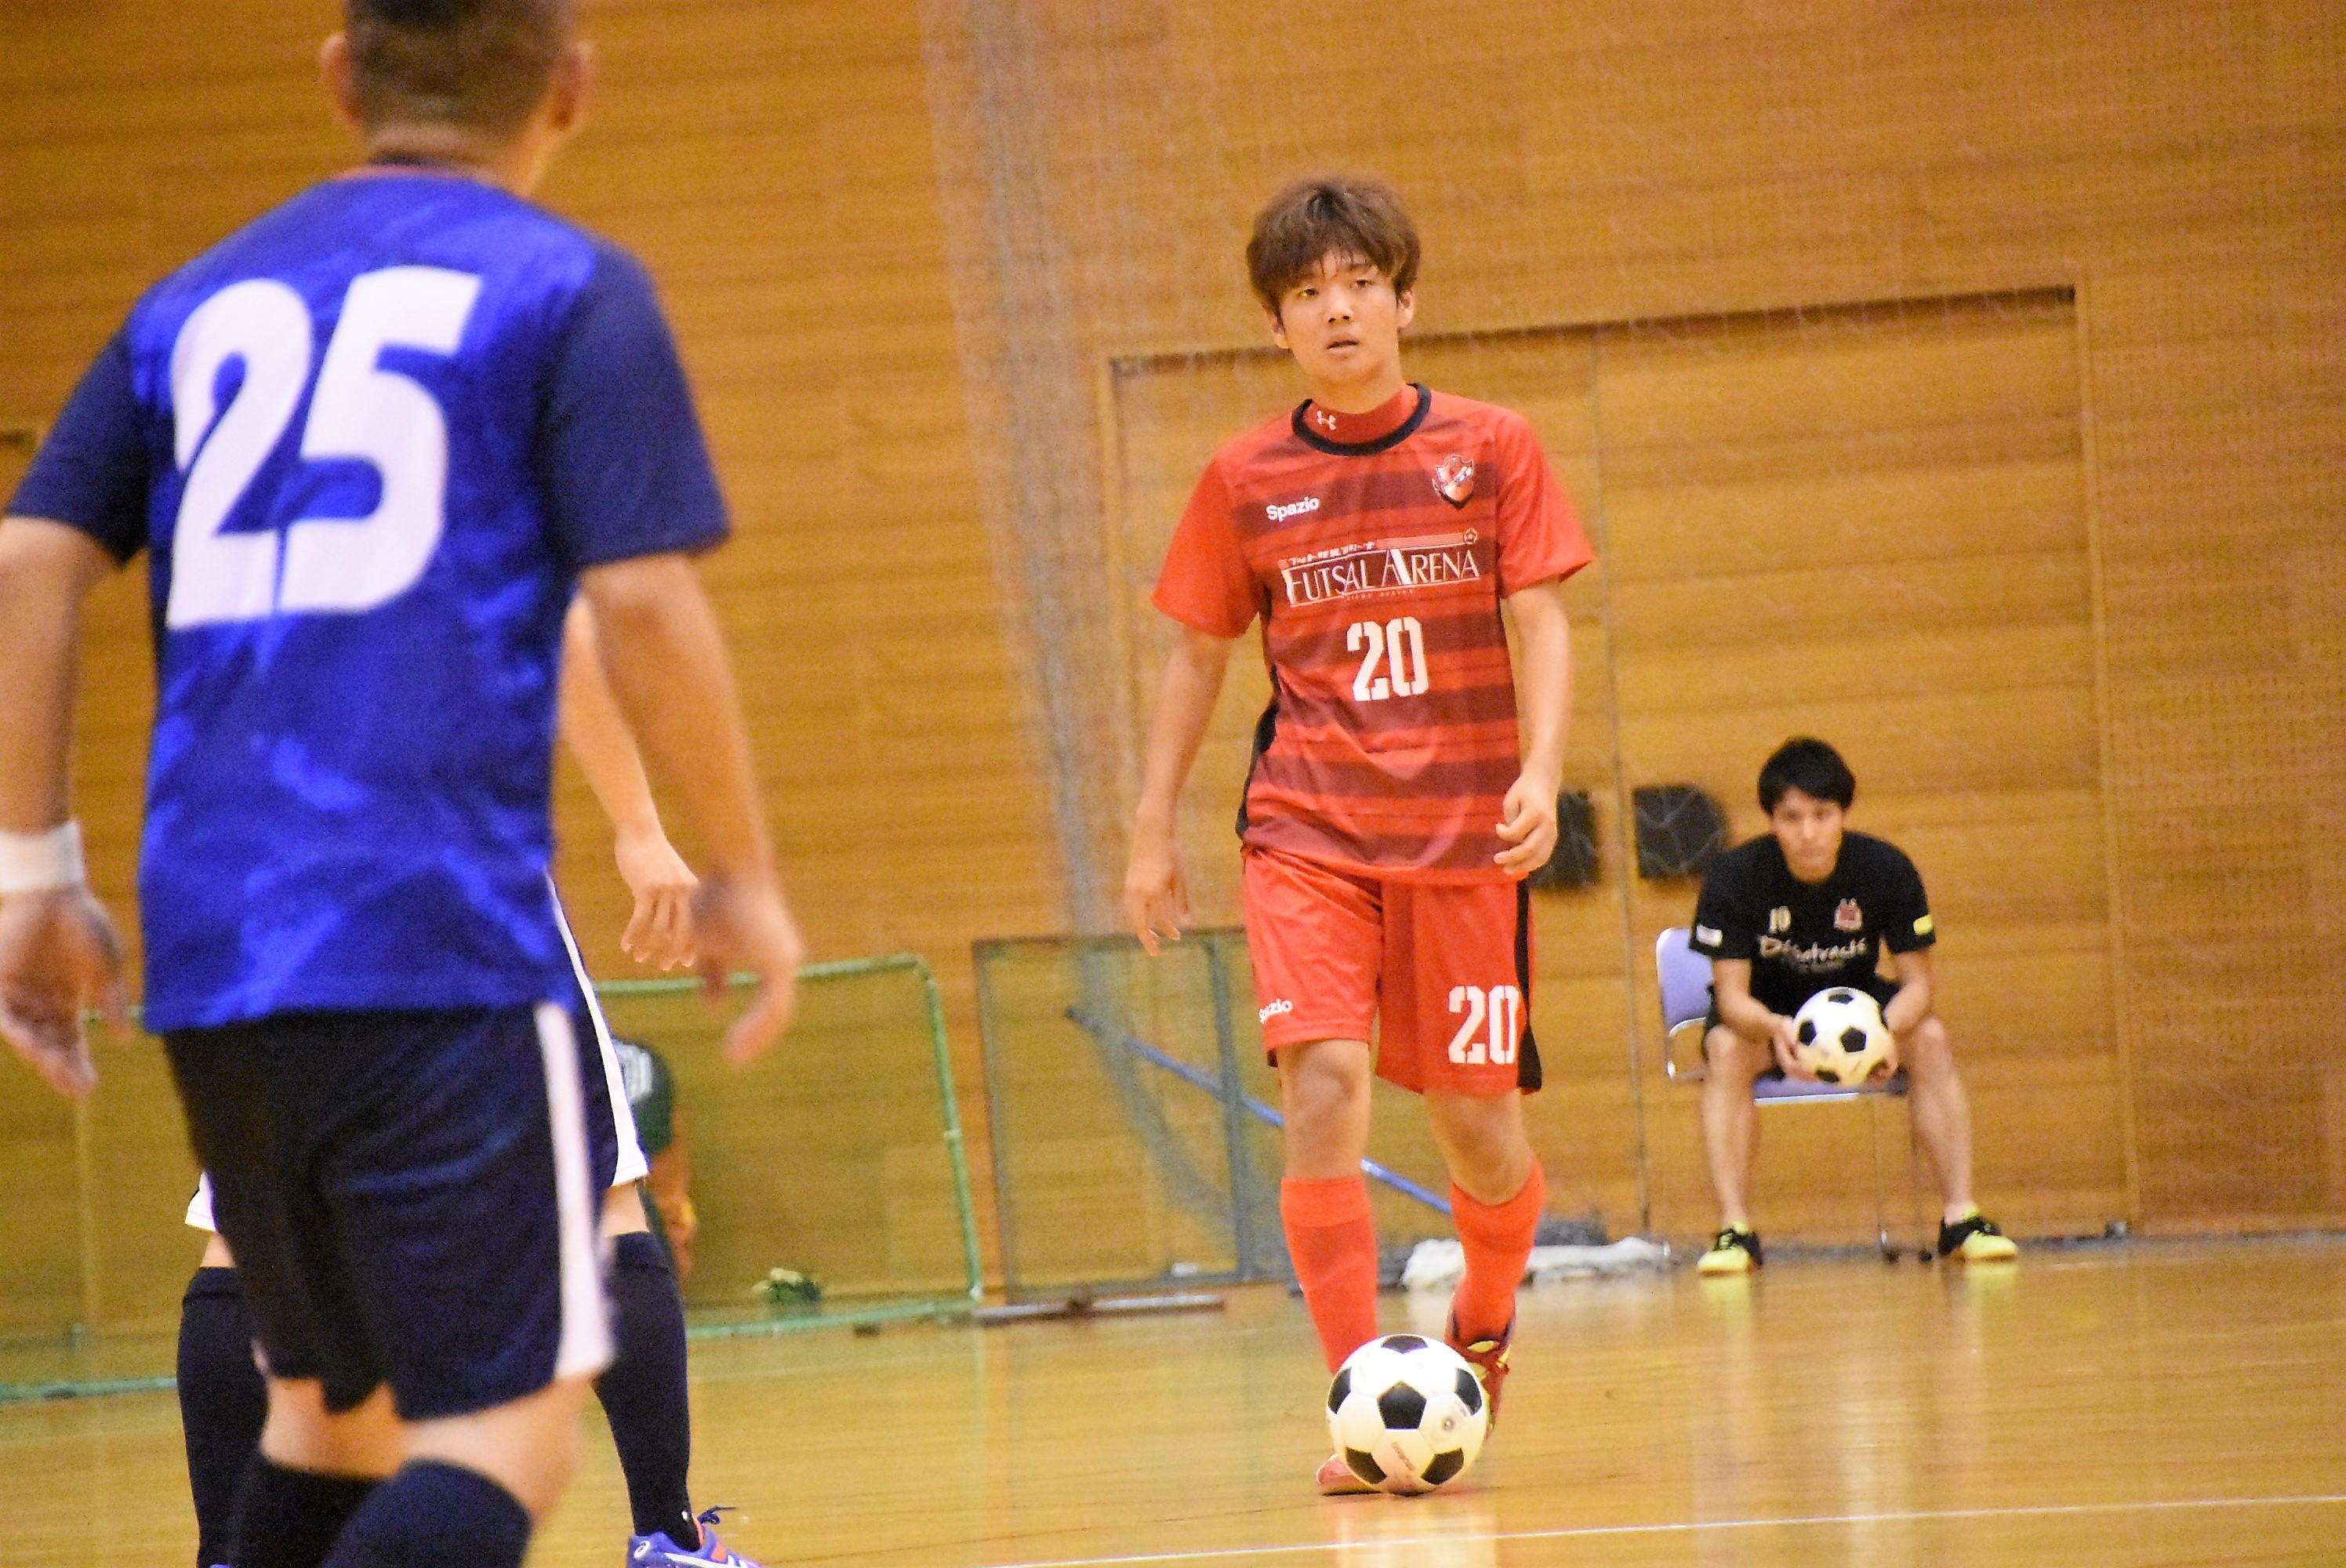 【愛知県1部第3節インタビュー】PRIDE/futsal arena 奥村 玲音選手「両足で仕掛けることができるのでそこには自信を持っています」